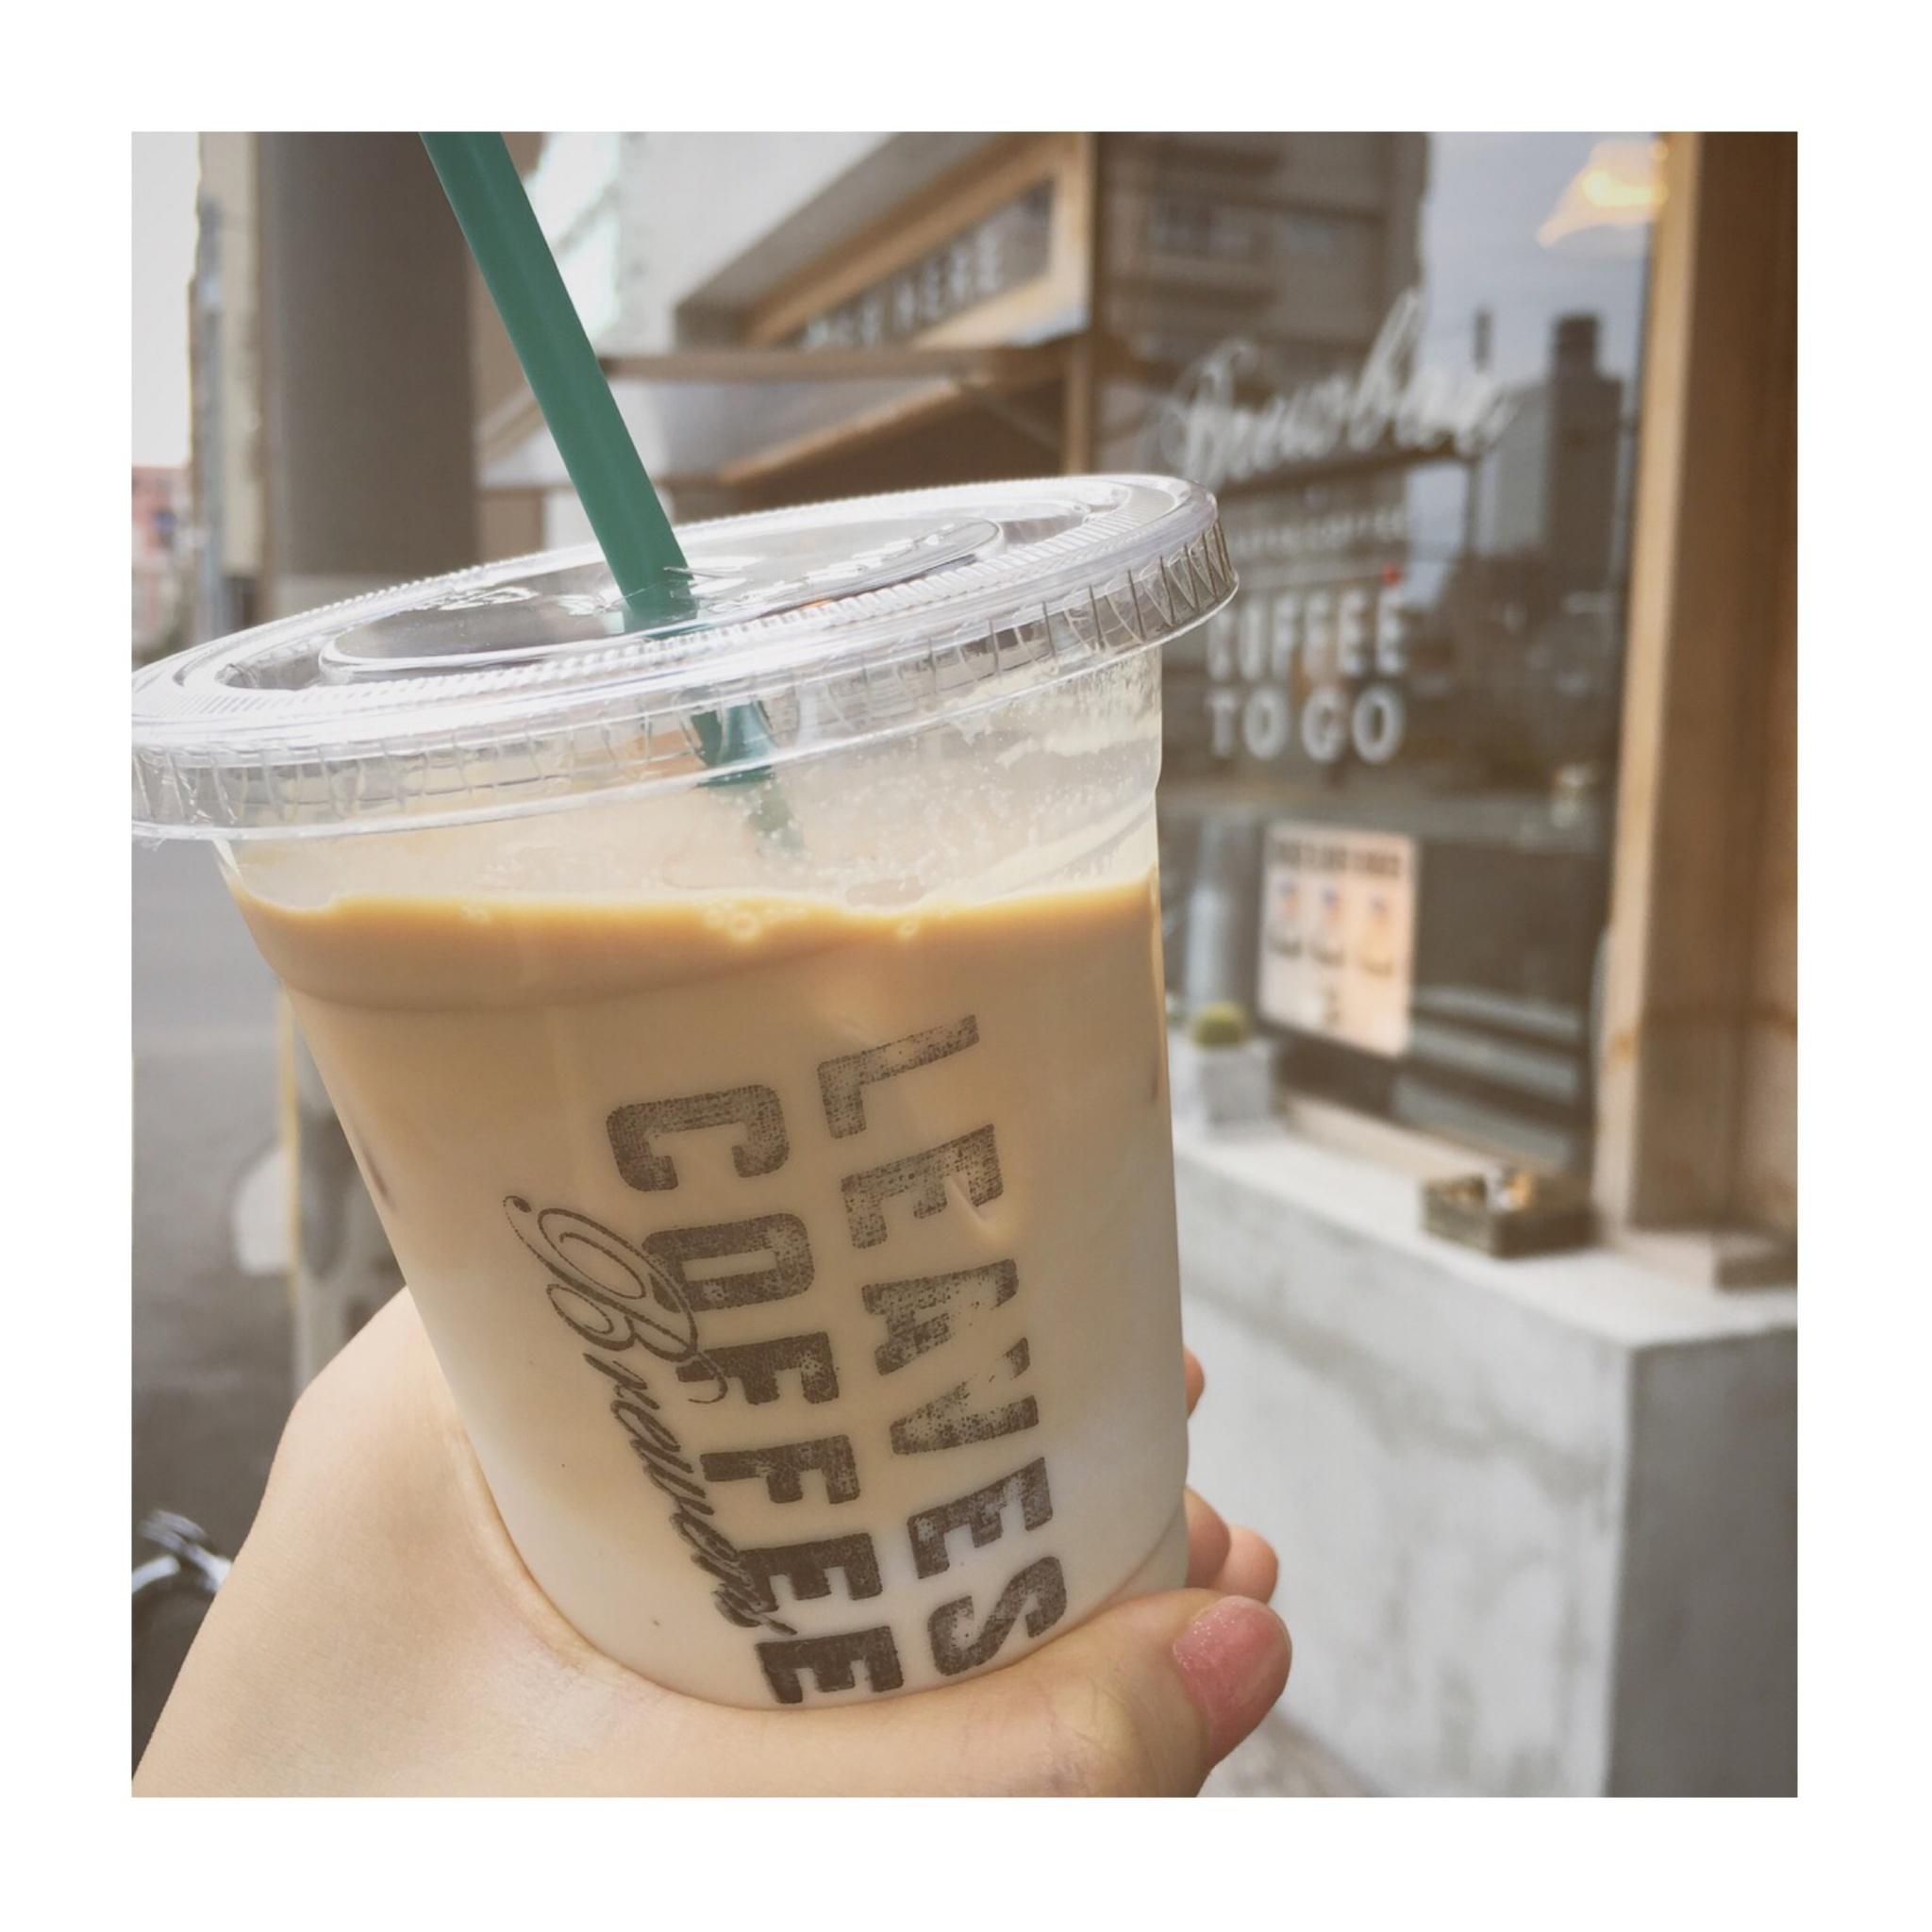 """《ご当地MORE✩東京》【蔵前】で寄りたい!本格的でお洒落なコーヒースタンド""""LEAVES COFFEE APARTMENT""""に行ってきました✌︎❤️_4"""